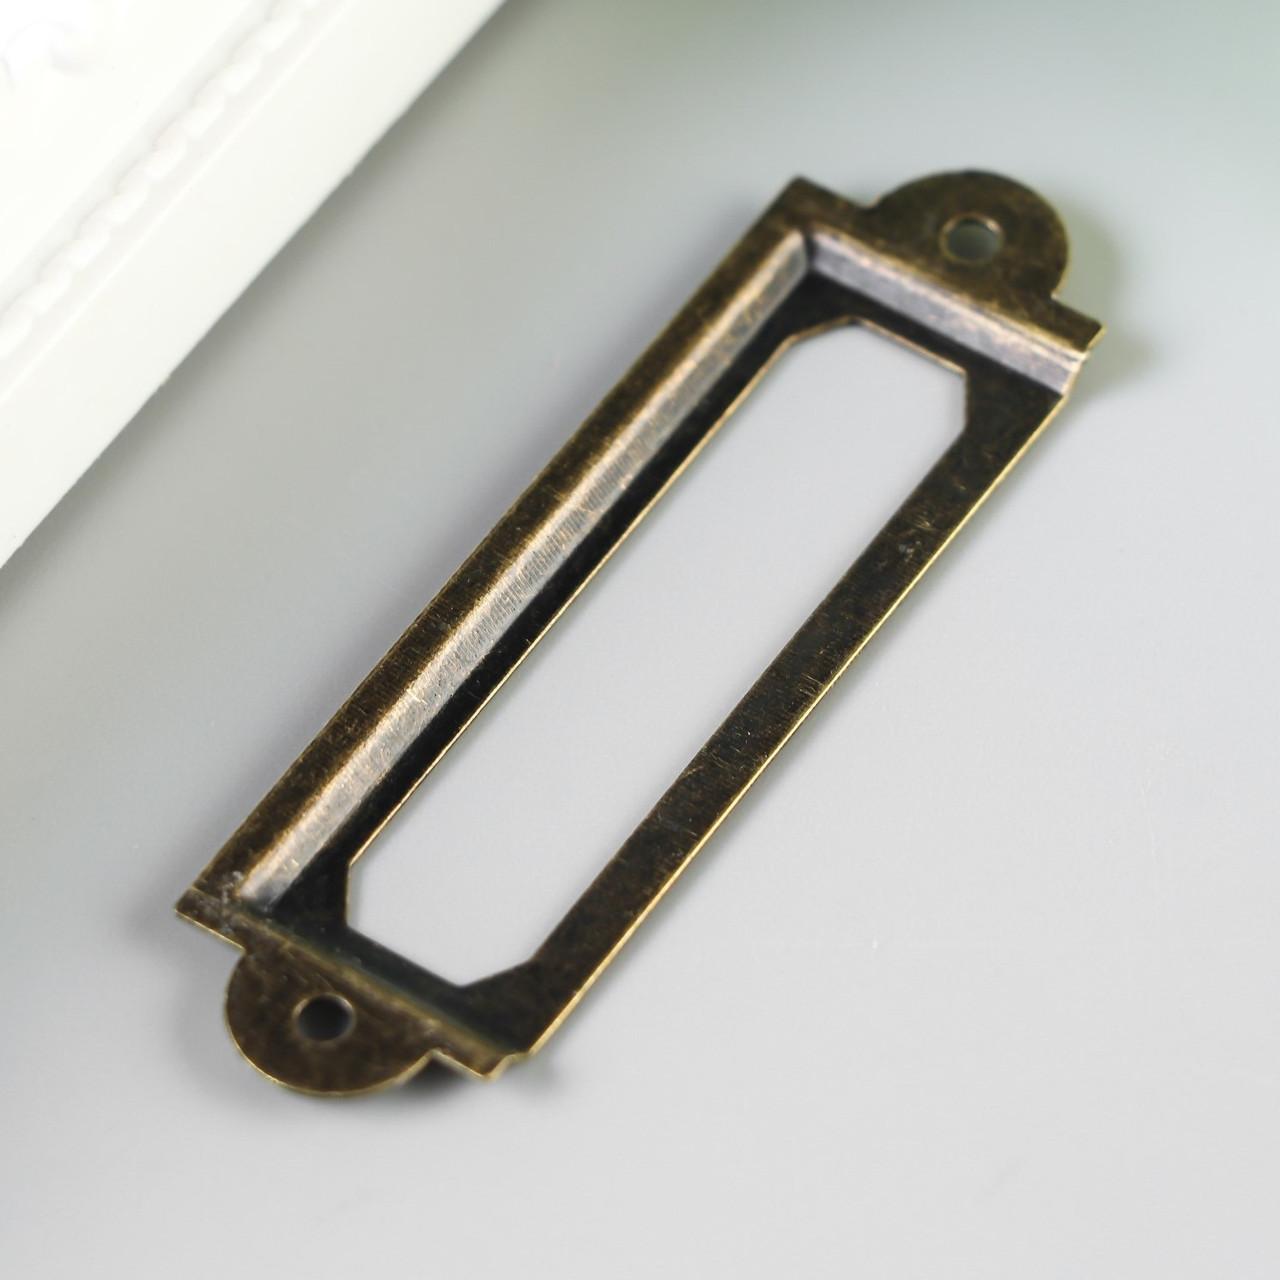 Рамка архивная металл бронза 2х6,2 см (12 штук)